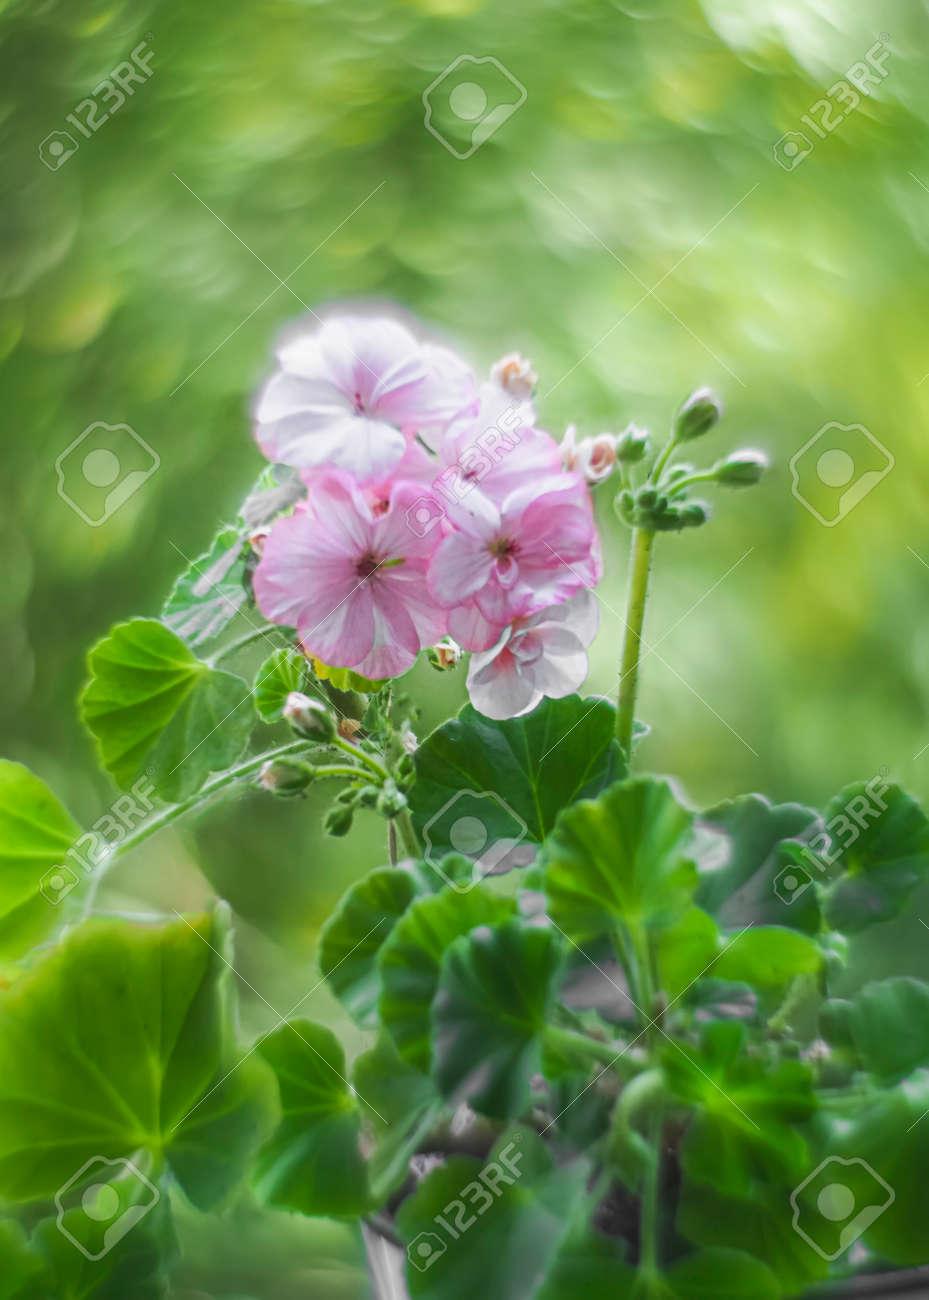 Bokeh swirled by the Helios lens around a pink geranium flowers. Geranium Peltatum. Geranium essential oil. - 171890460